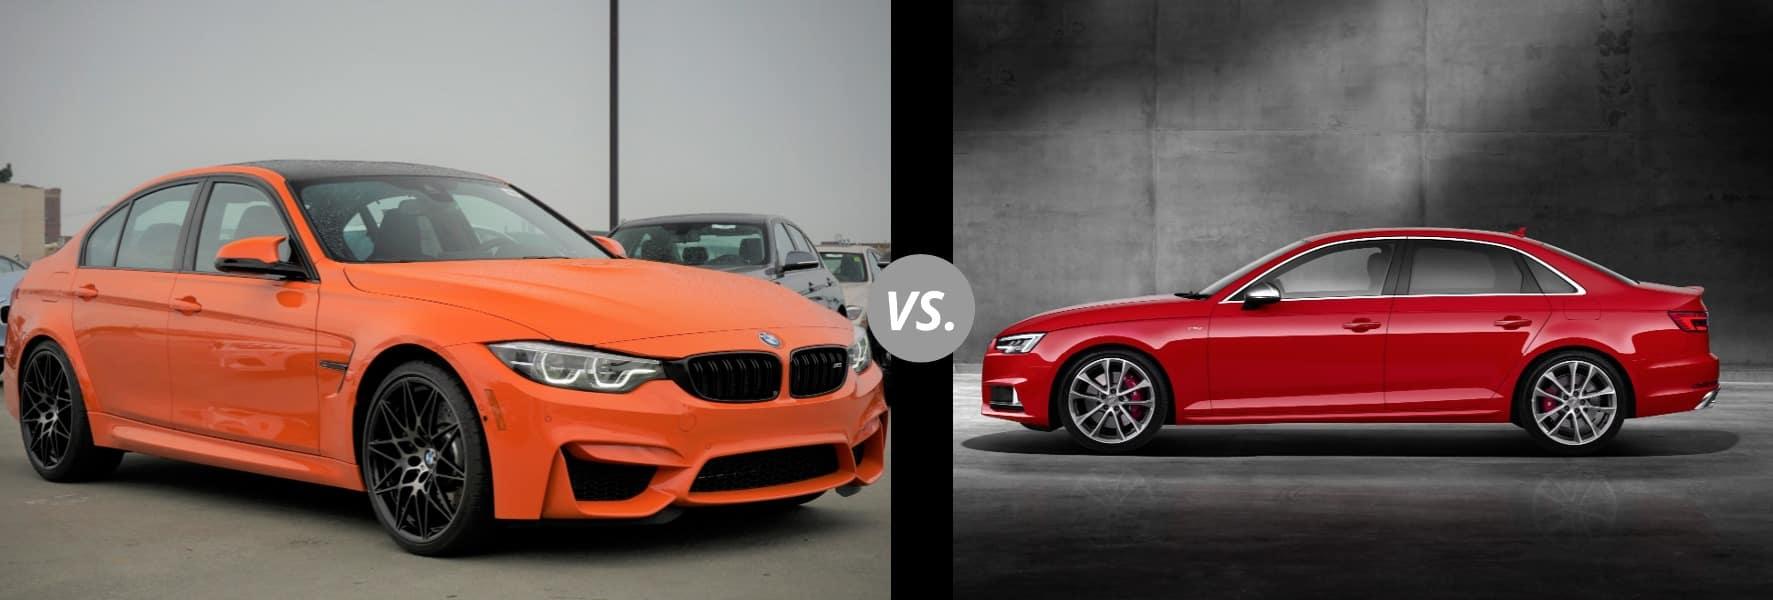 BMW M Or Audi S BMW Of San Francisco - Audi san francisco